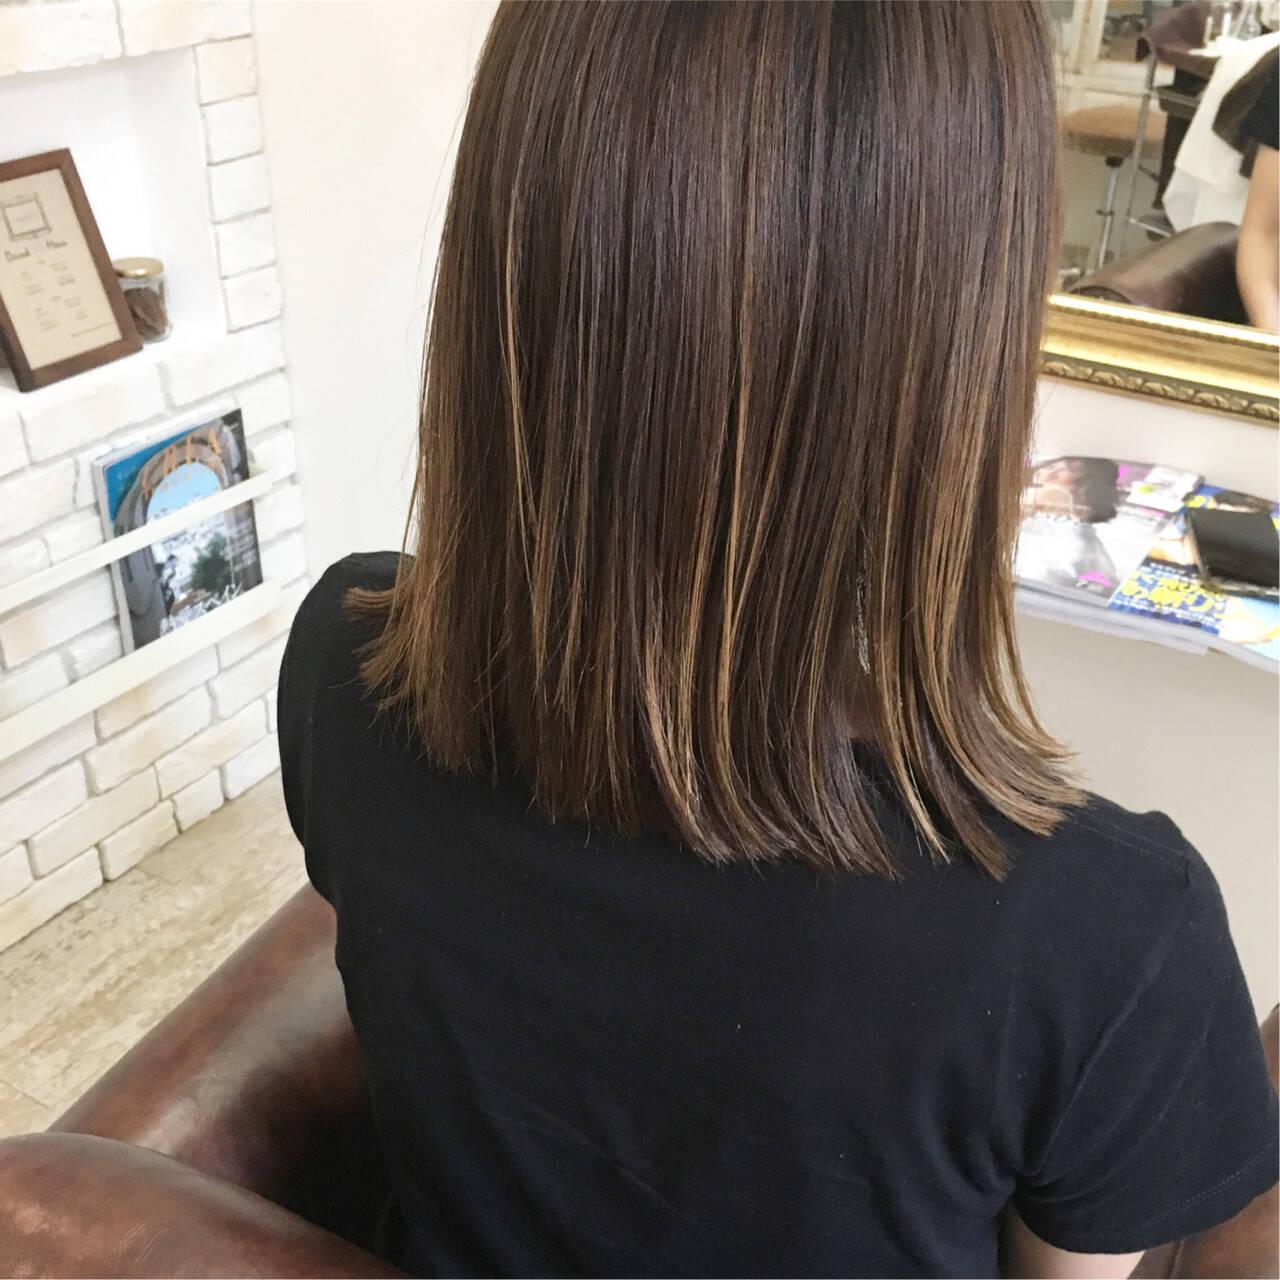 バレイヤージュ ナチュラル 切りっぱなし ストレートヘアスタイルや髪型の写真・画像